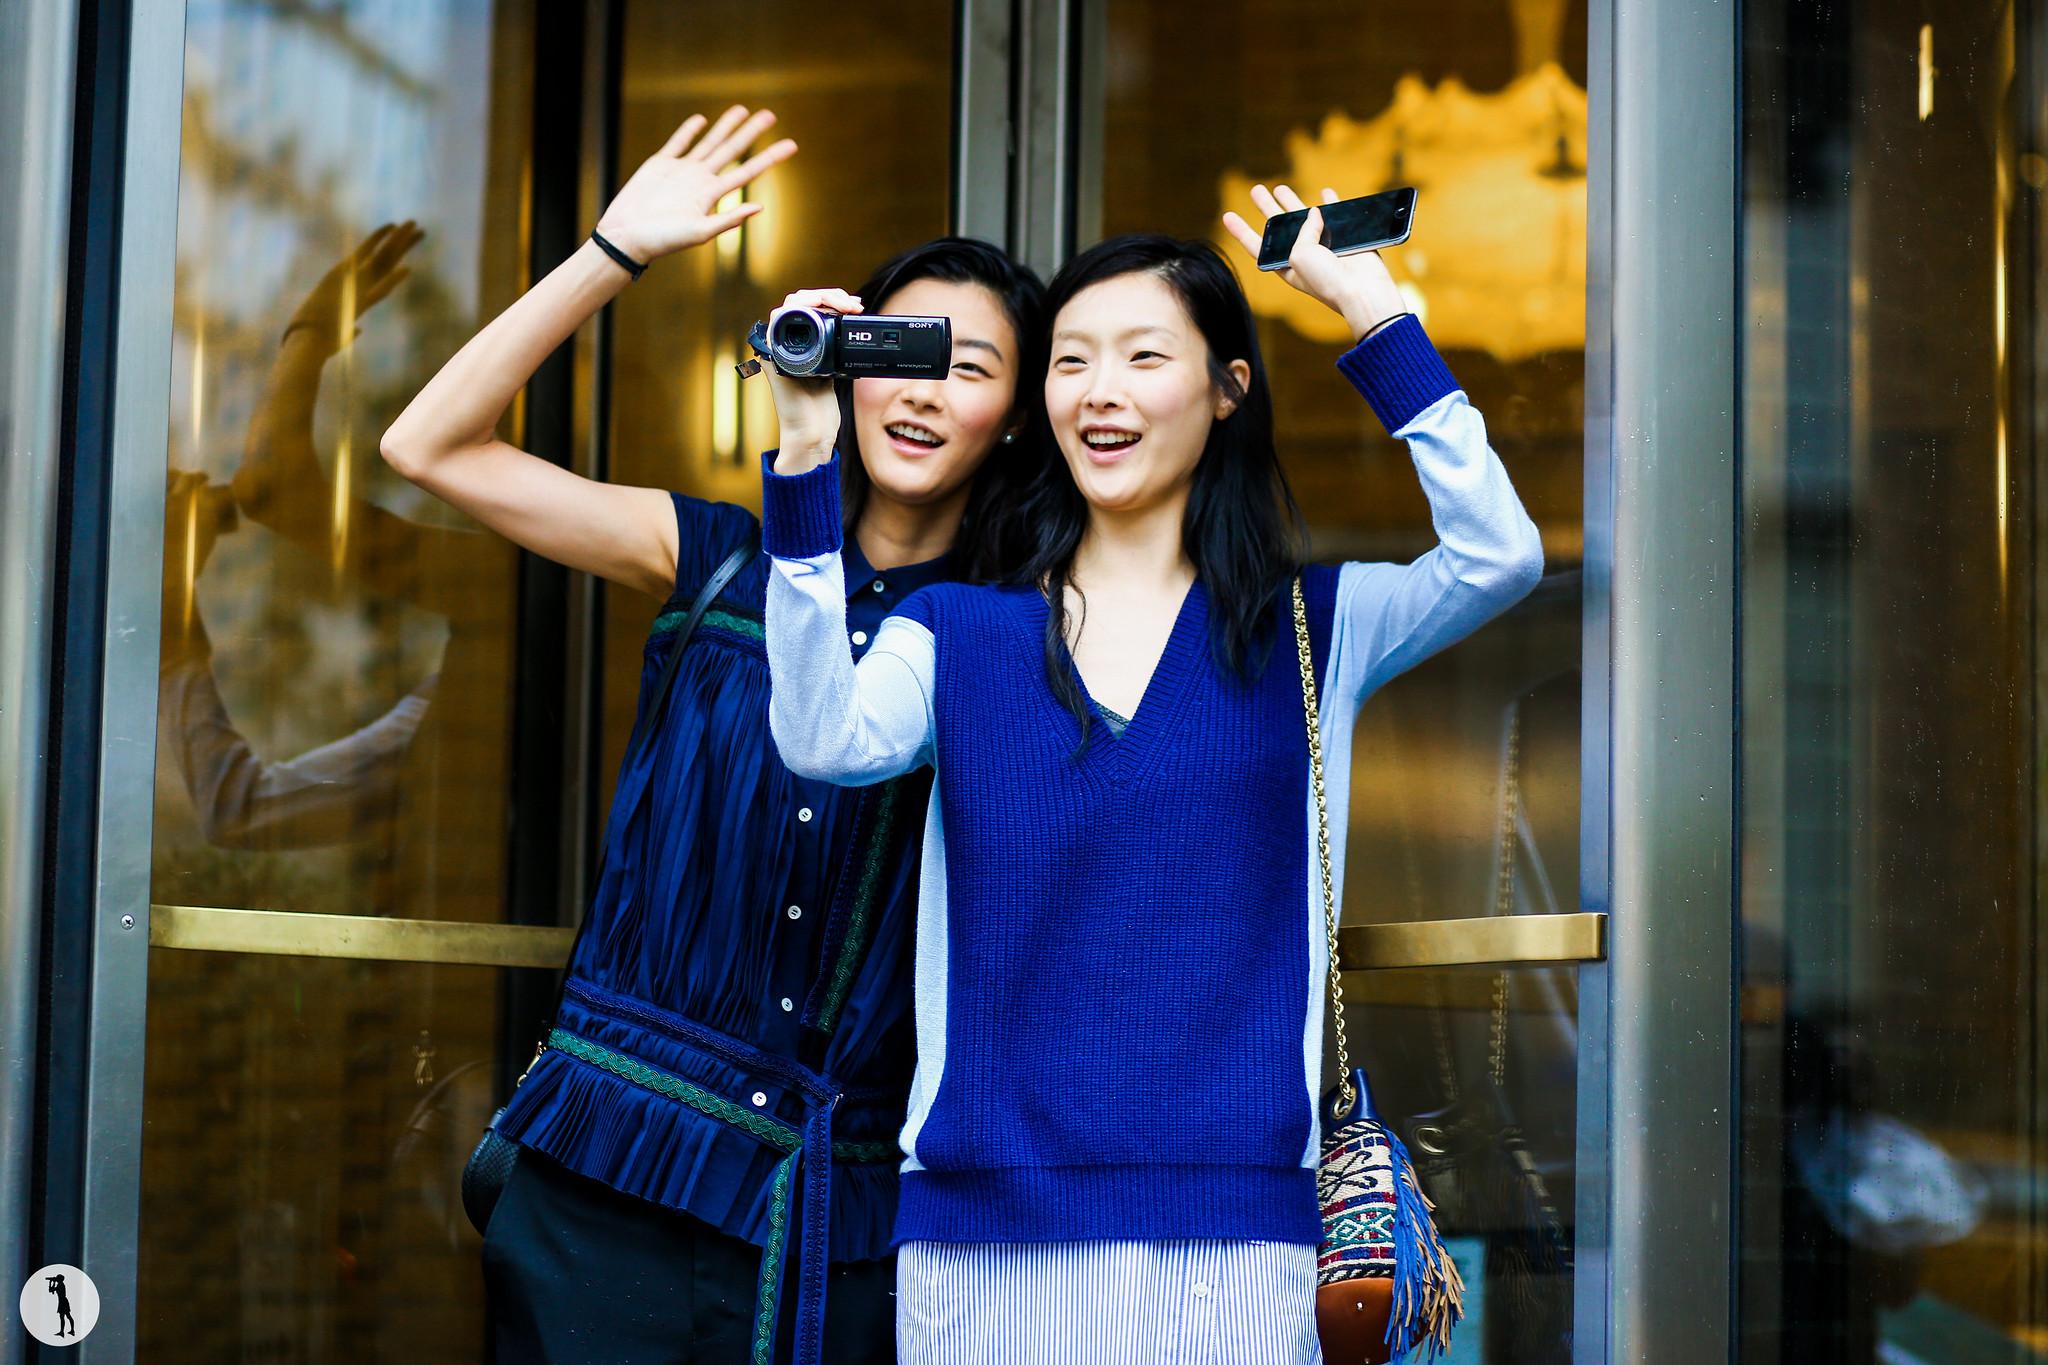 Models Jihye Park and Sunghee Kim at New York Fashion Week